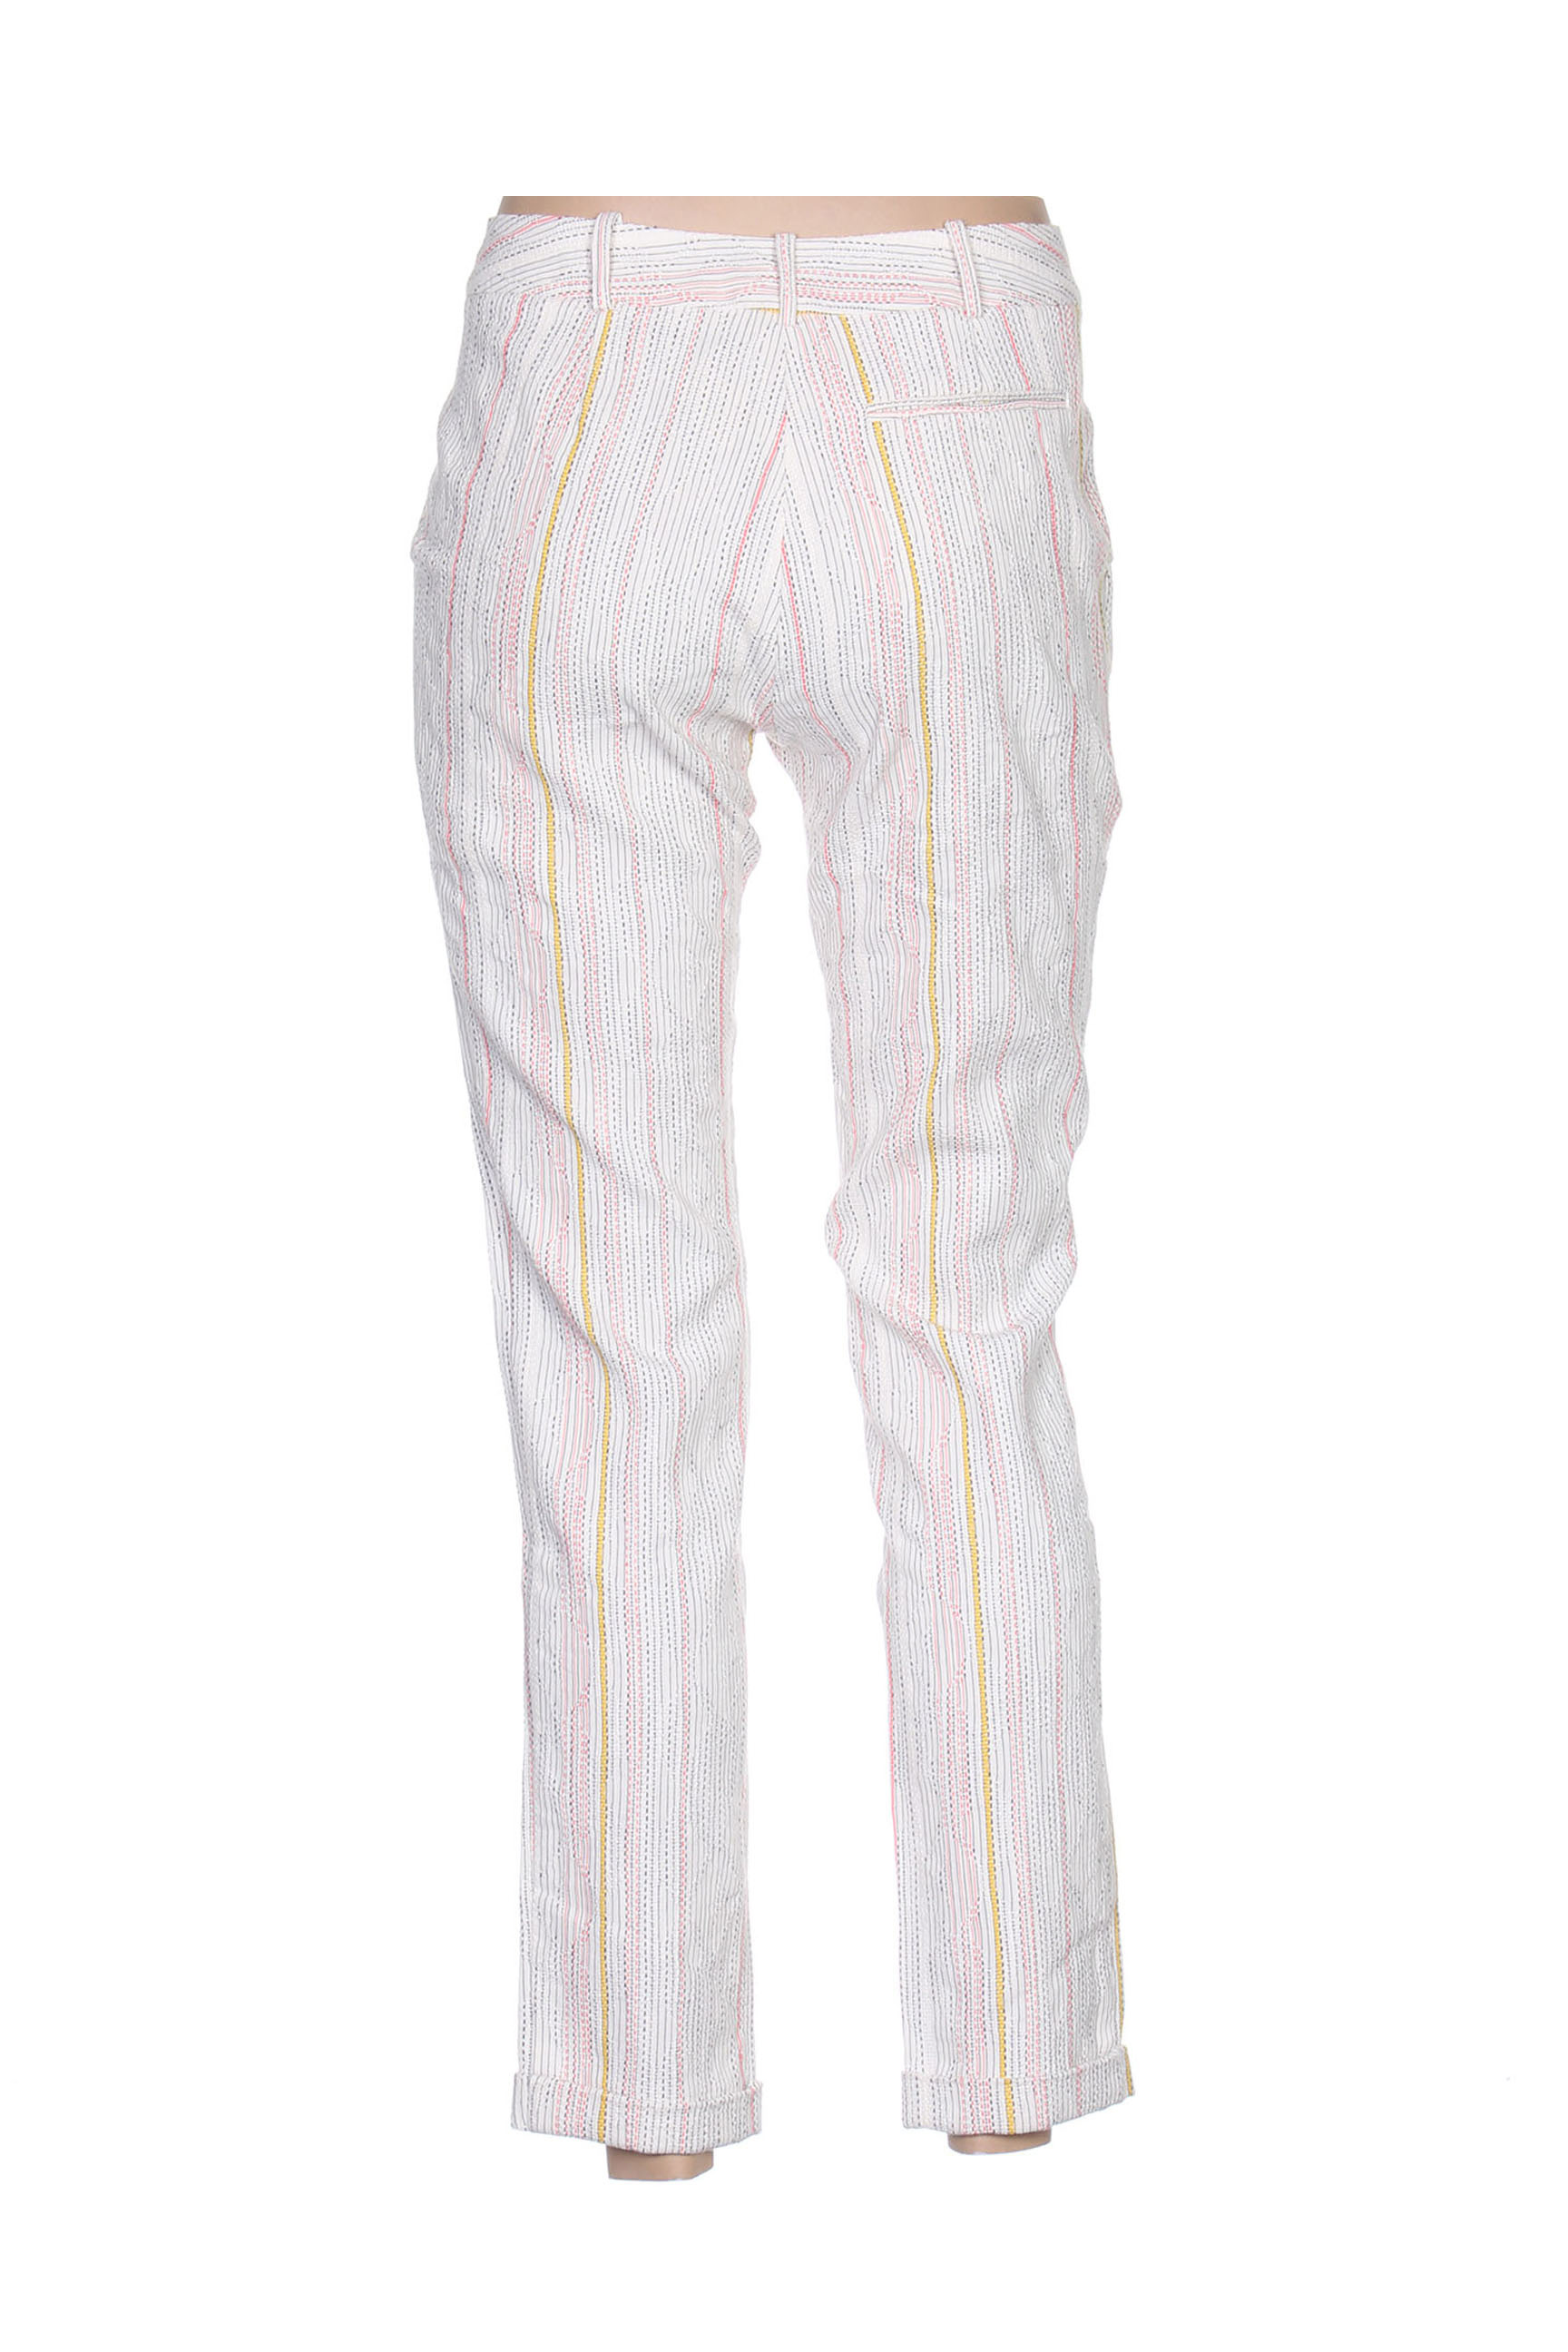 Tinsels Pantalon7 8 Femme De Couleur Blanc En Soldes Pas Cher 1406277-blanc0